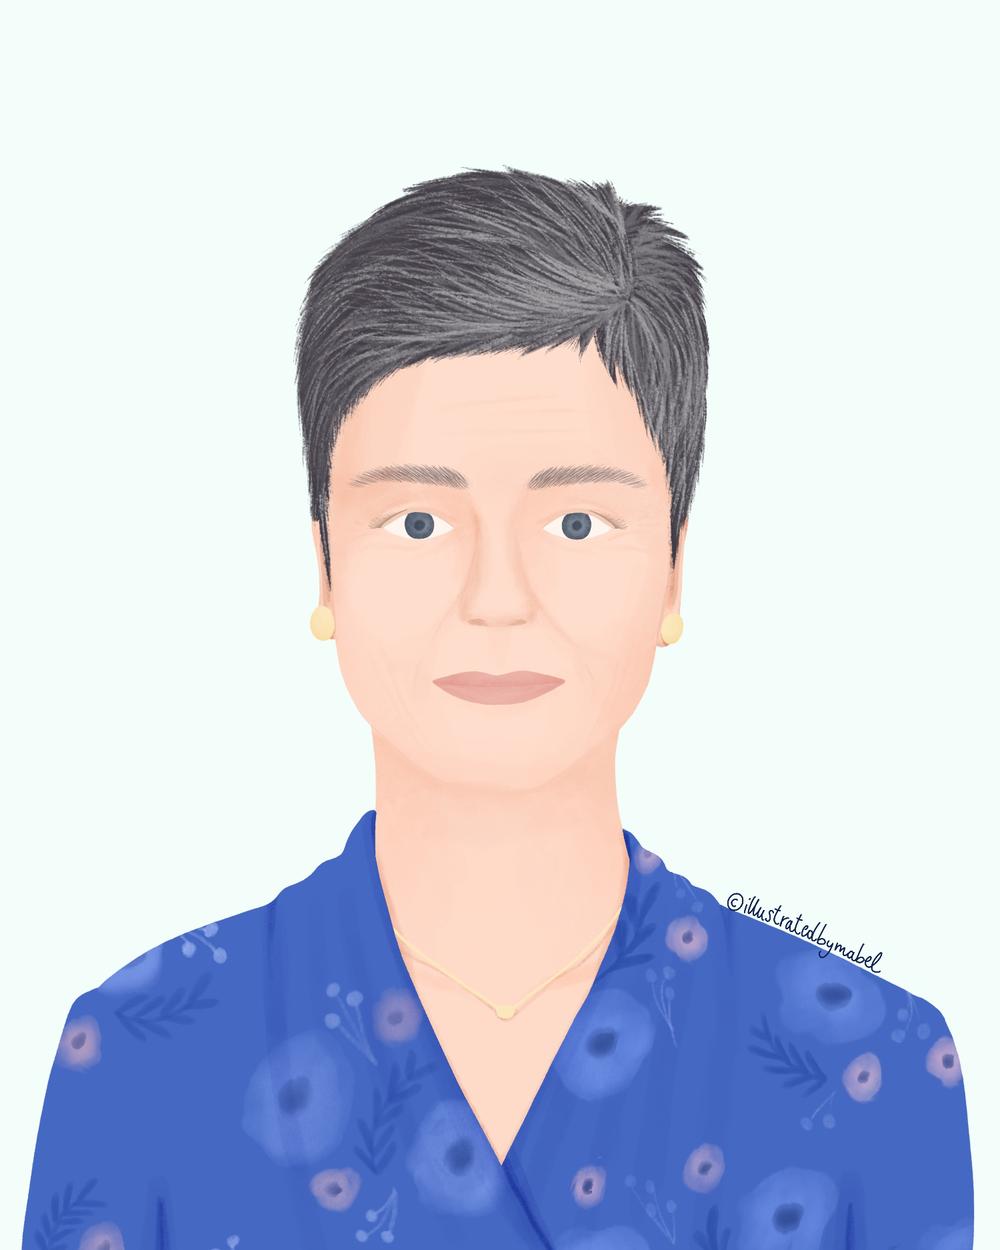 Woman portrait illustration Margrethe Vestager